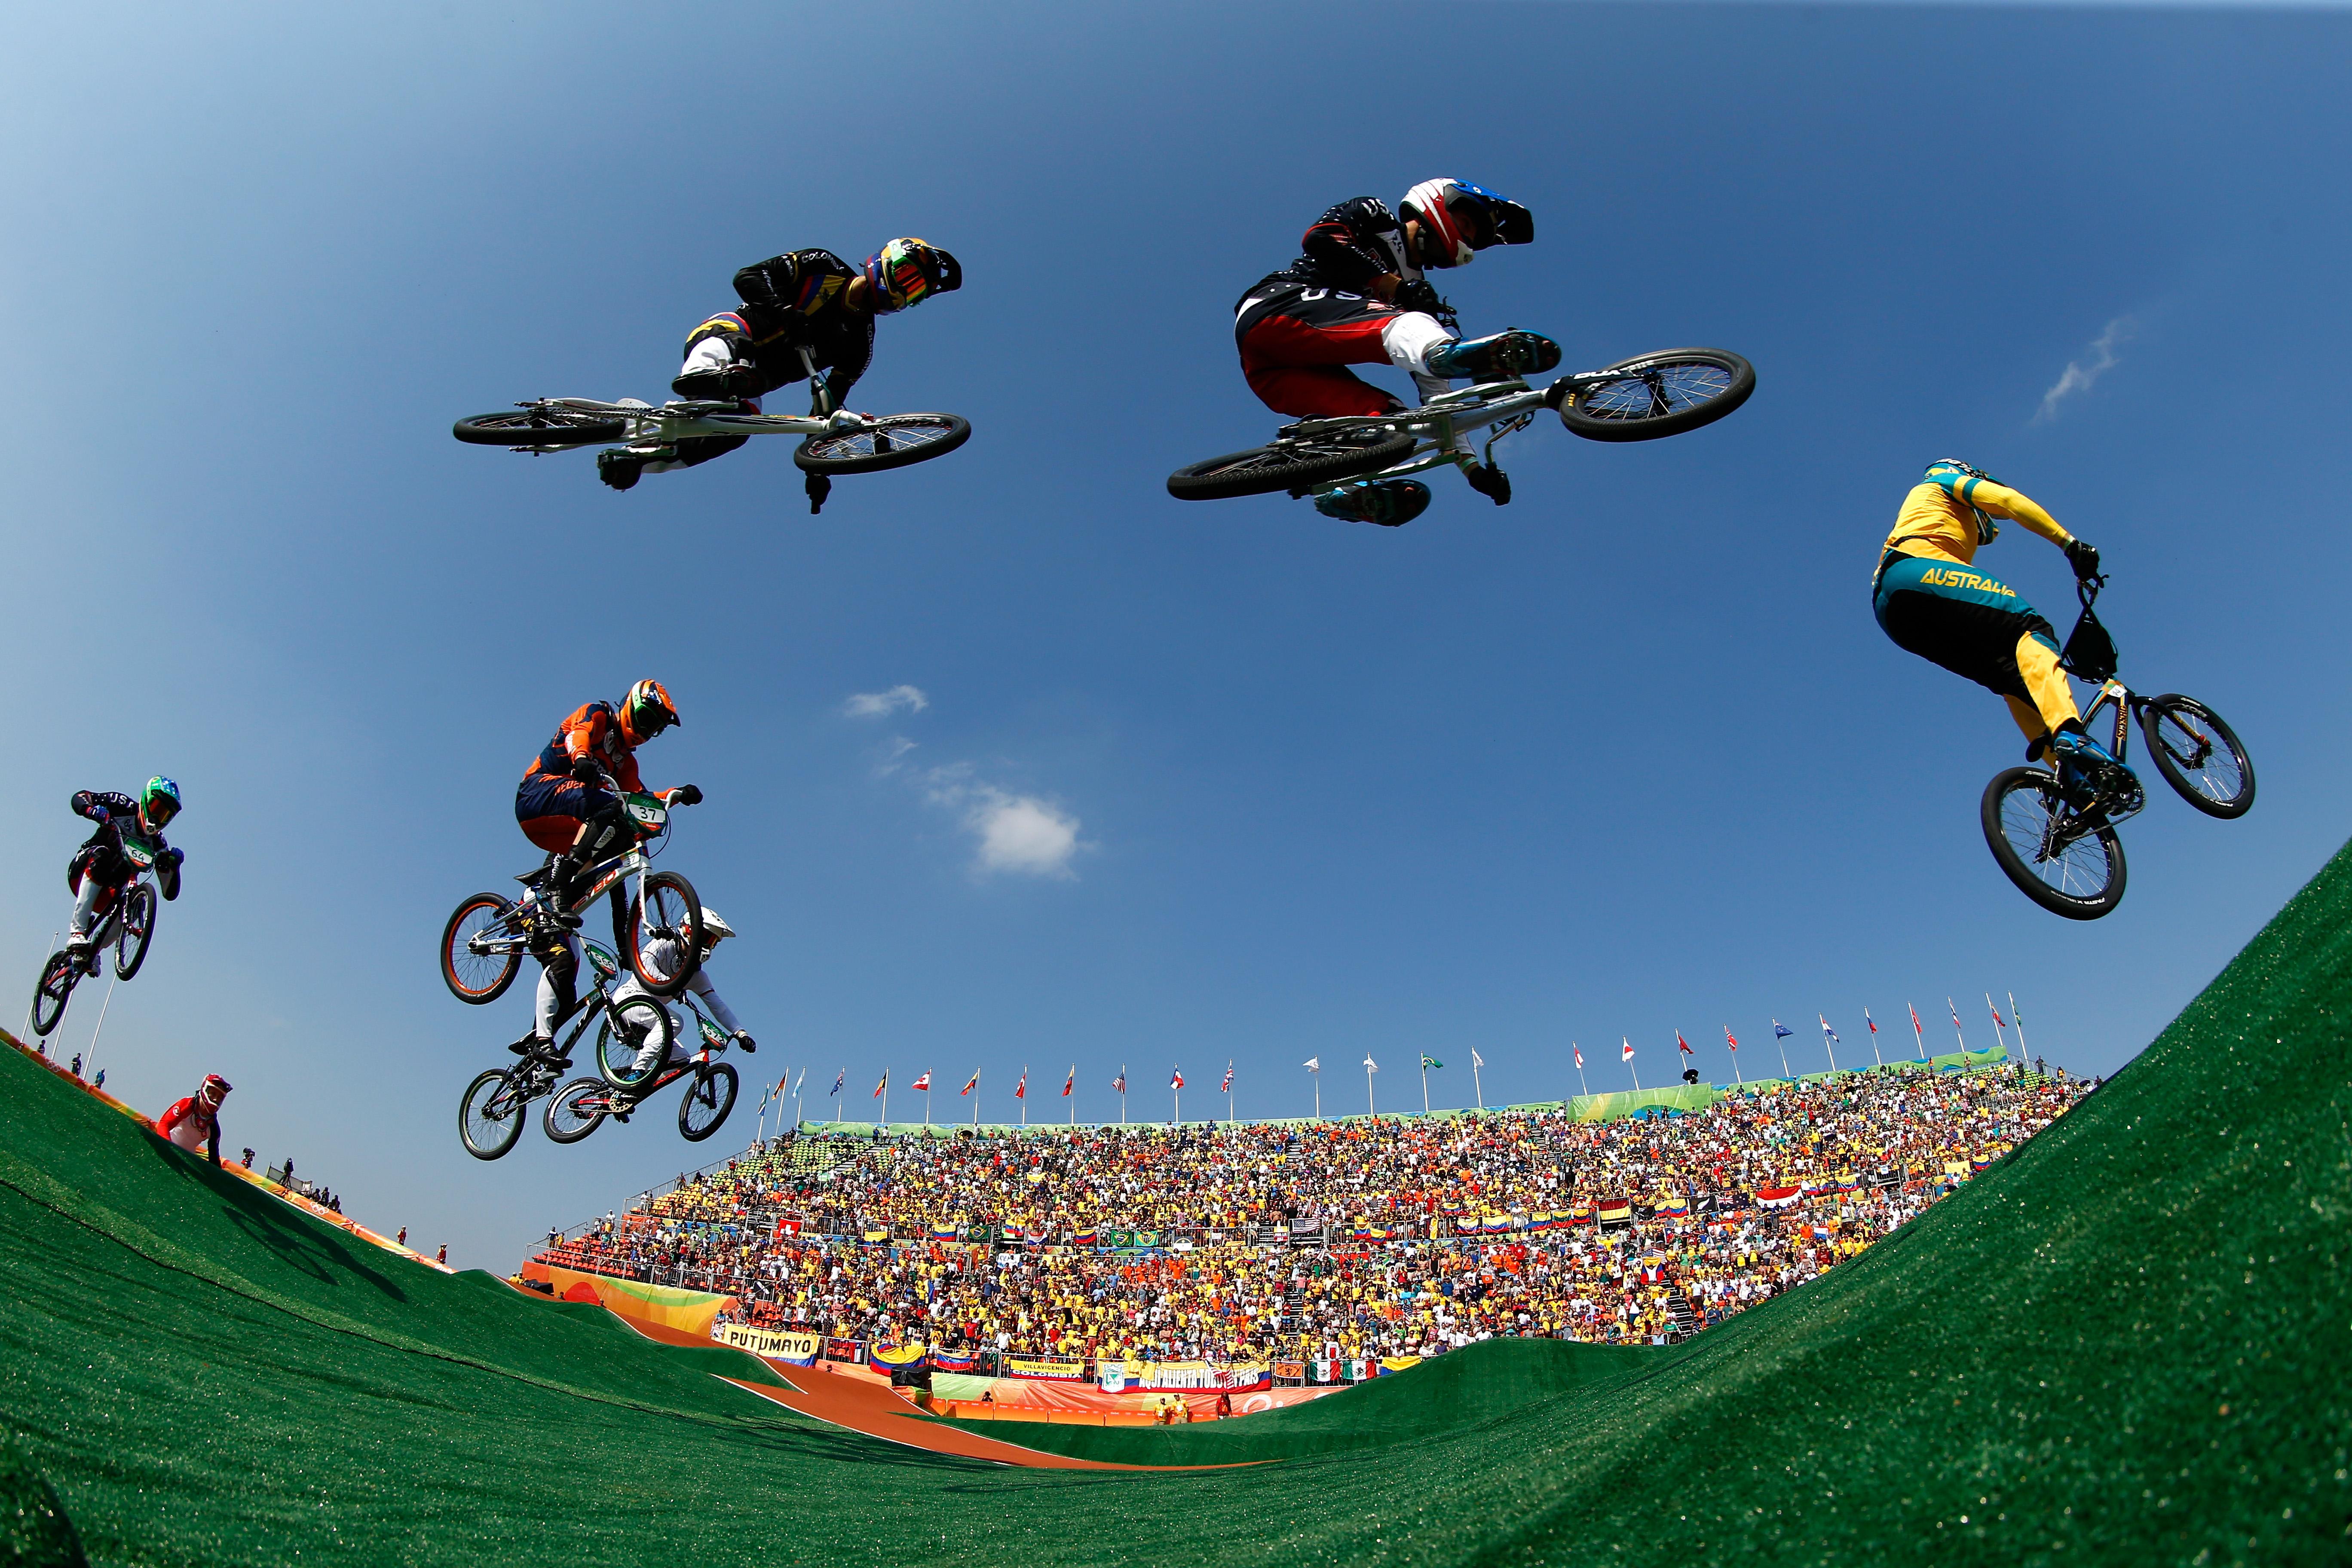 Ciclismo BMX racing